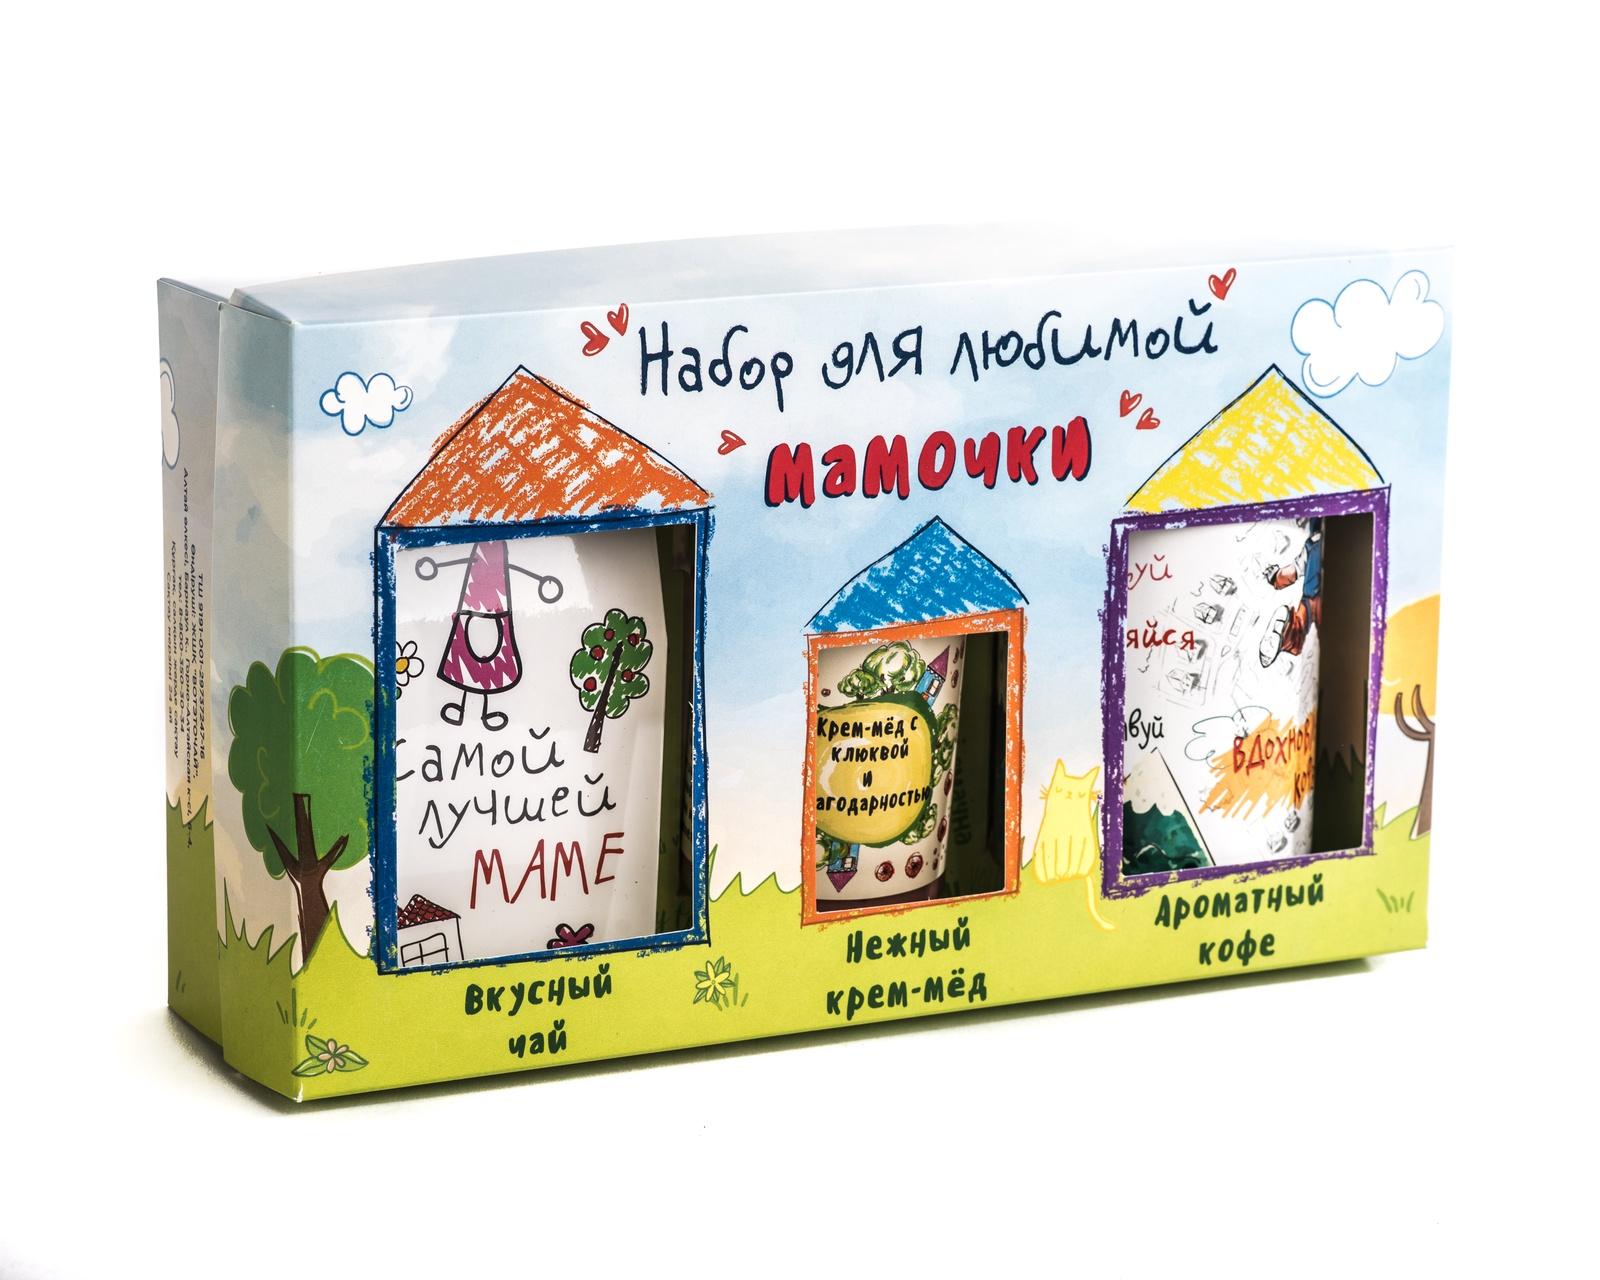 Подарочный набор из 3 продуктов Фудсторис